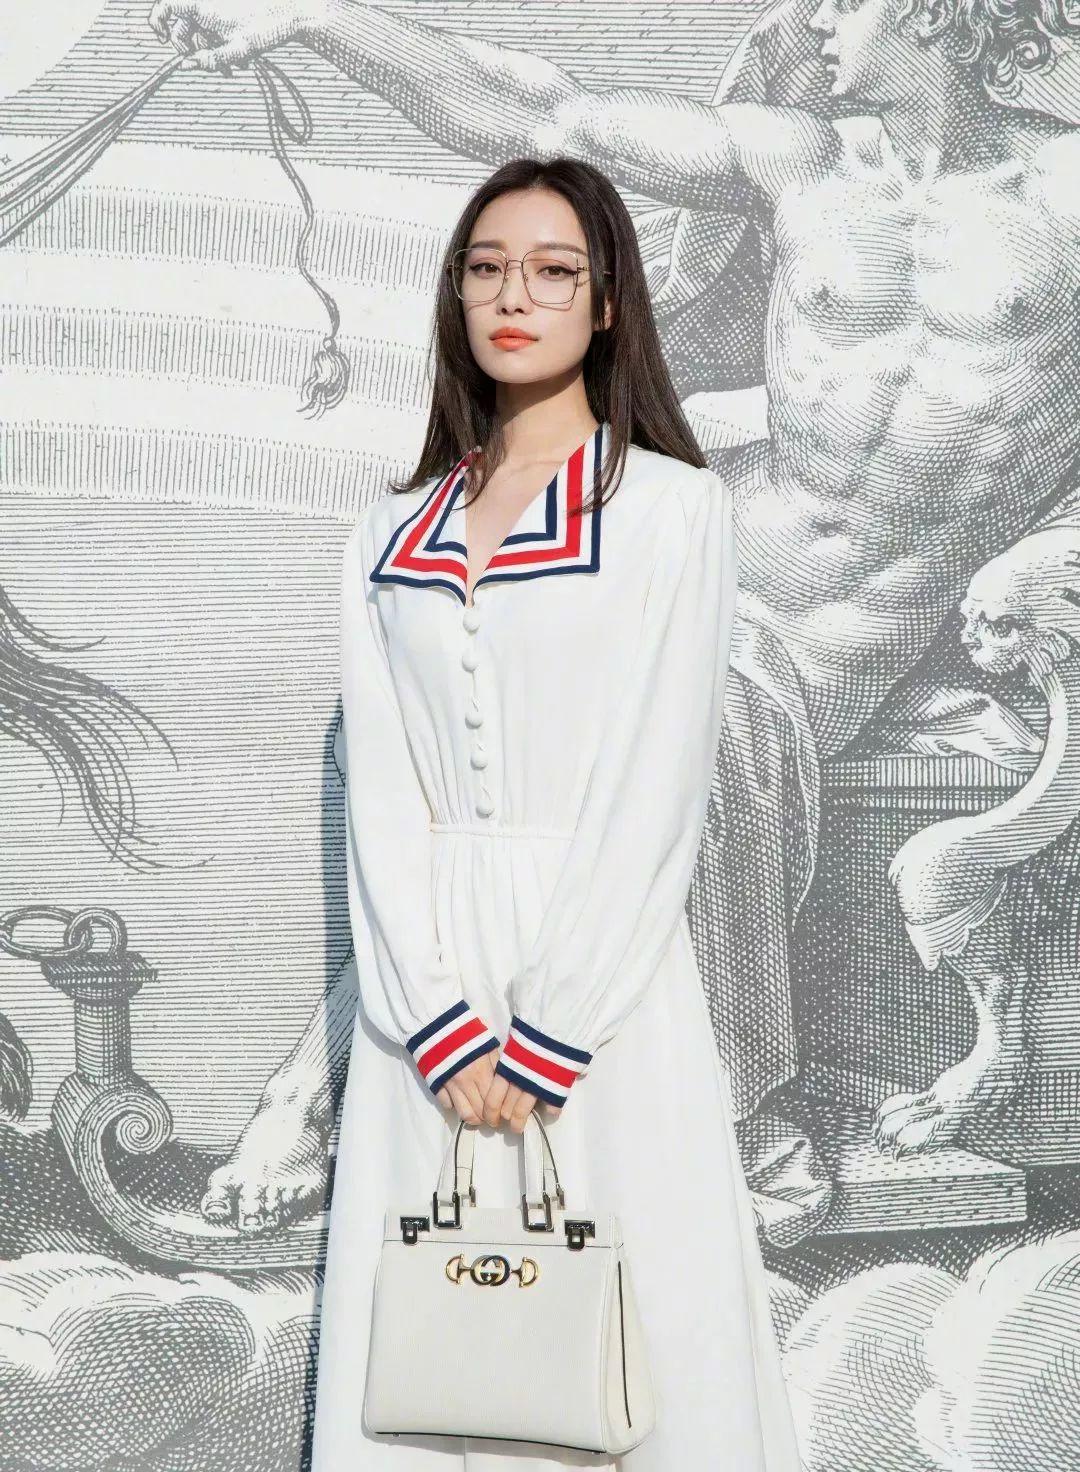 制服 校服 gucci 学院风 单品 jk 校园 秀场 参考价格 百褶裙